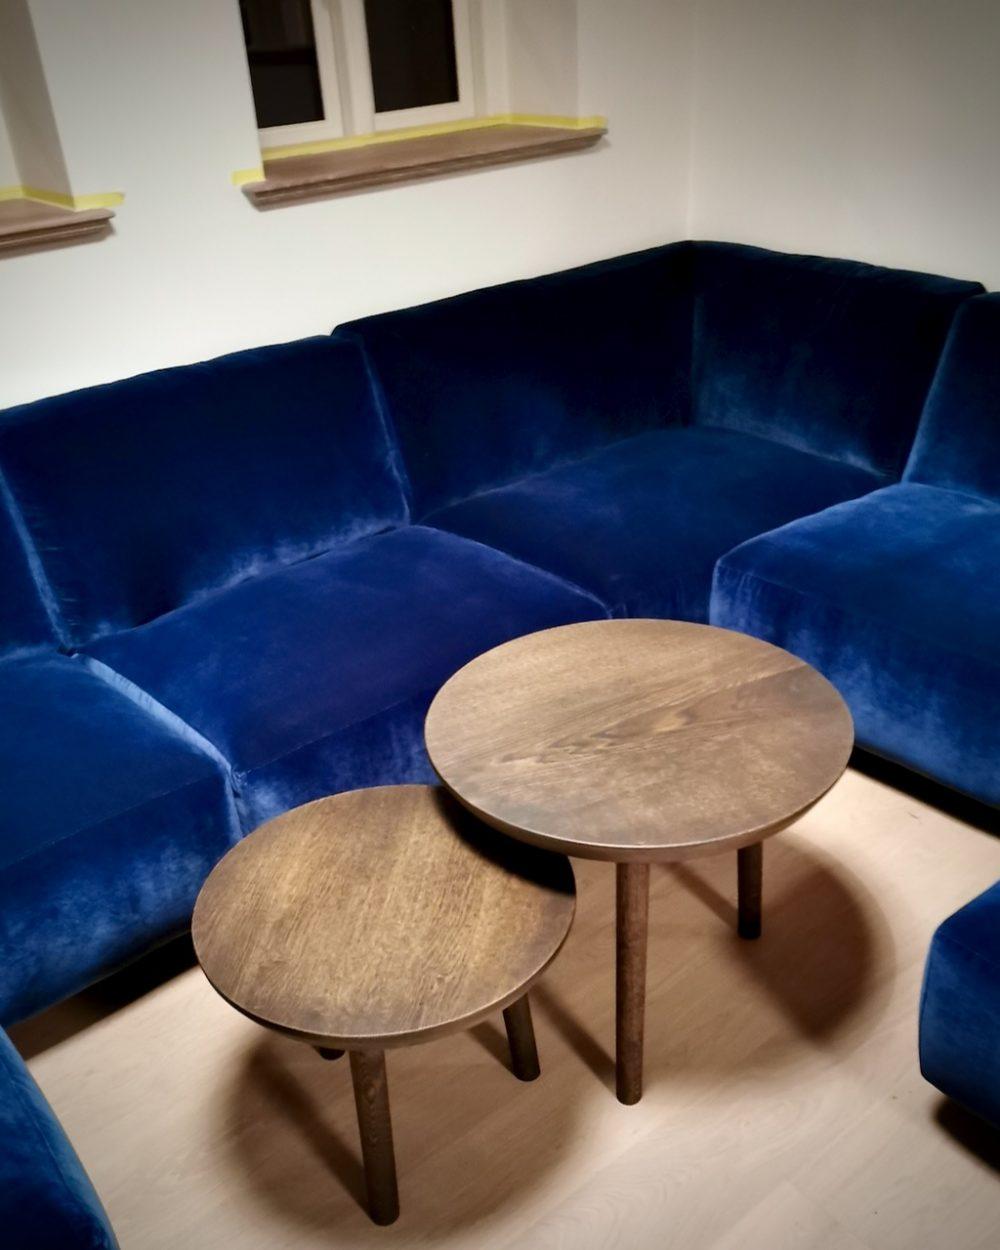 Vin sengebord talerstol seng hylde sofa skrivebord 11 1